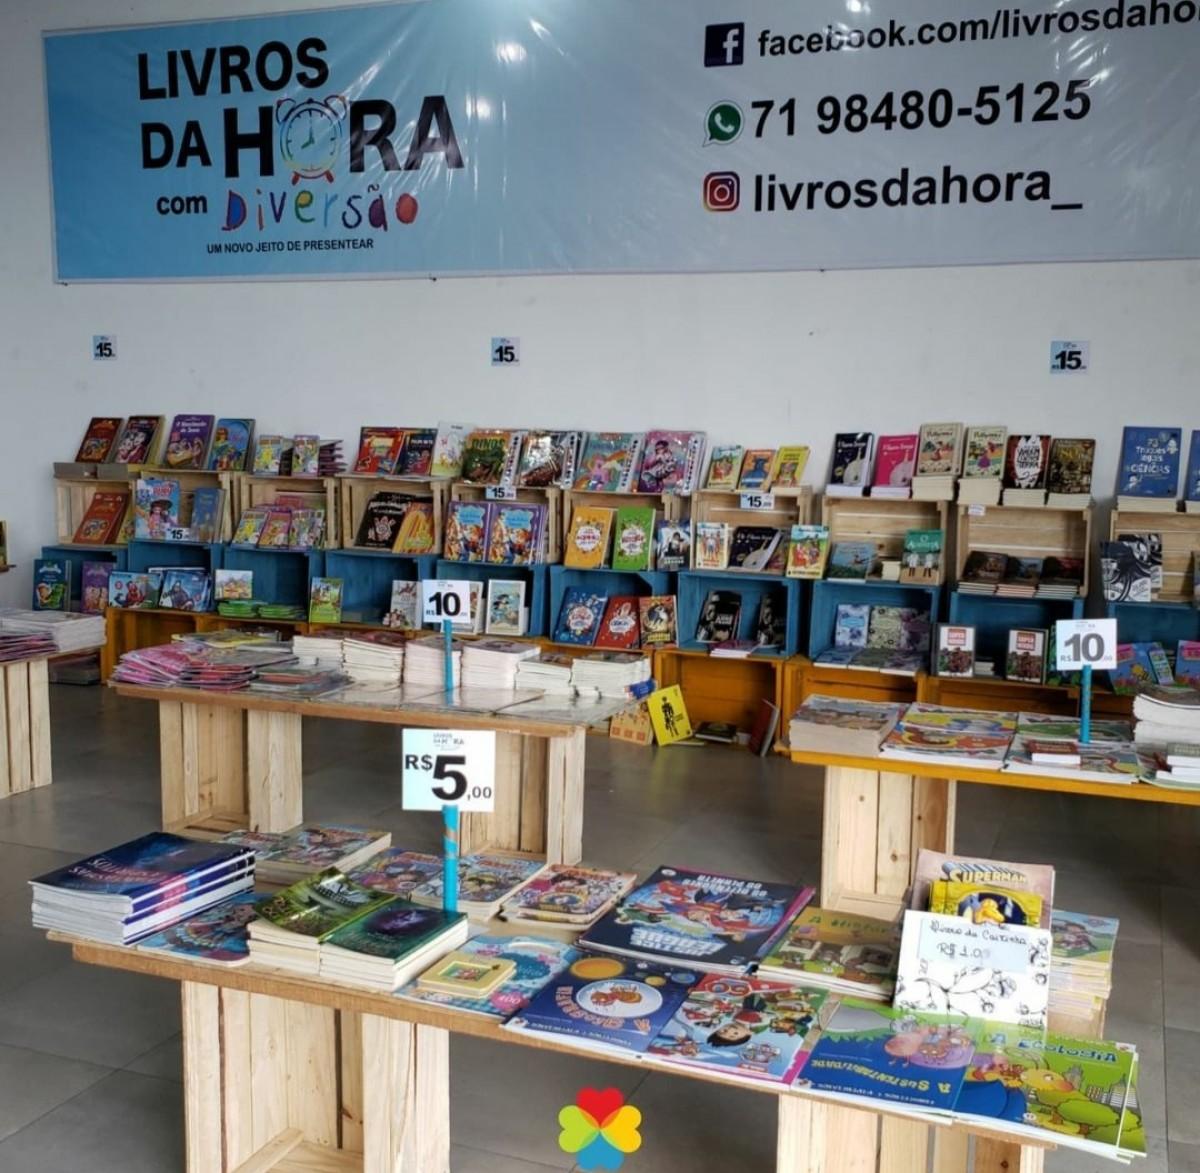 Feira no Shopping Prêmio tem livros a partir de R$ 5,00 (Foto: Assessoria)